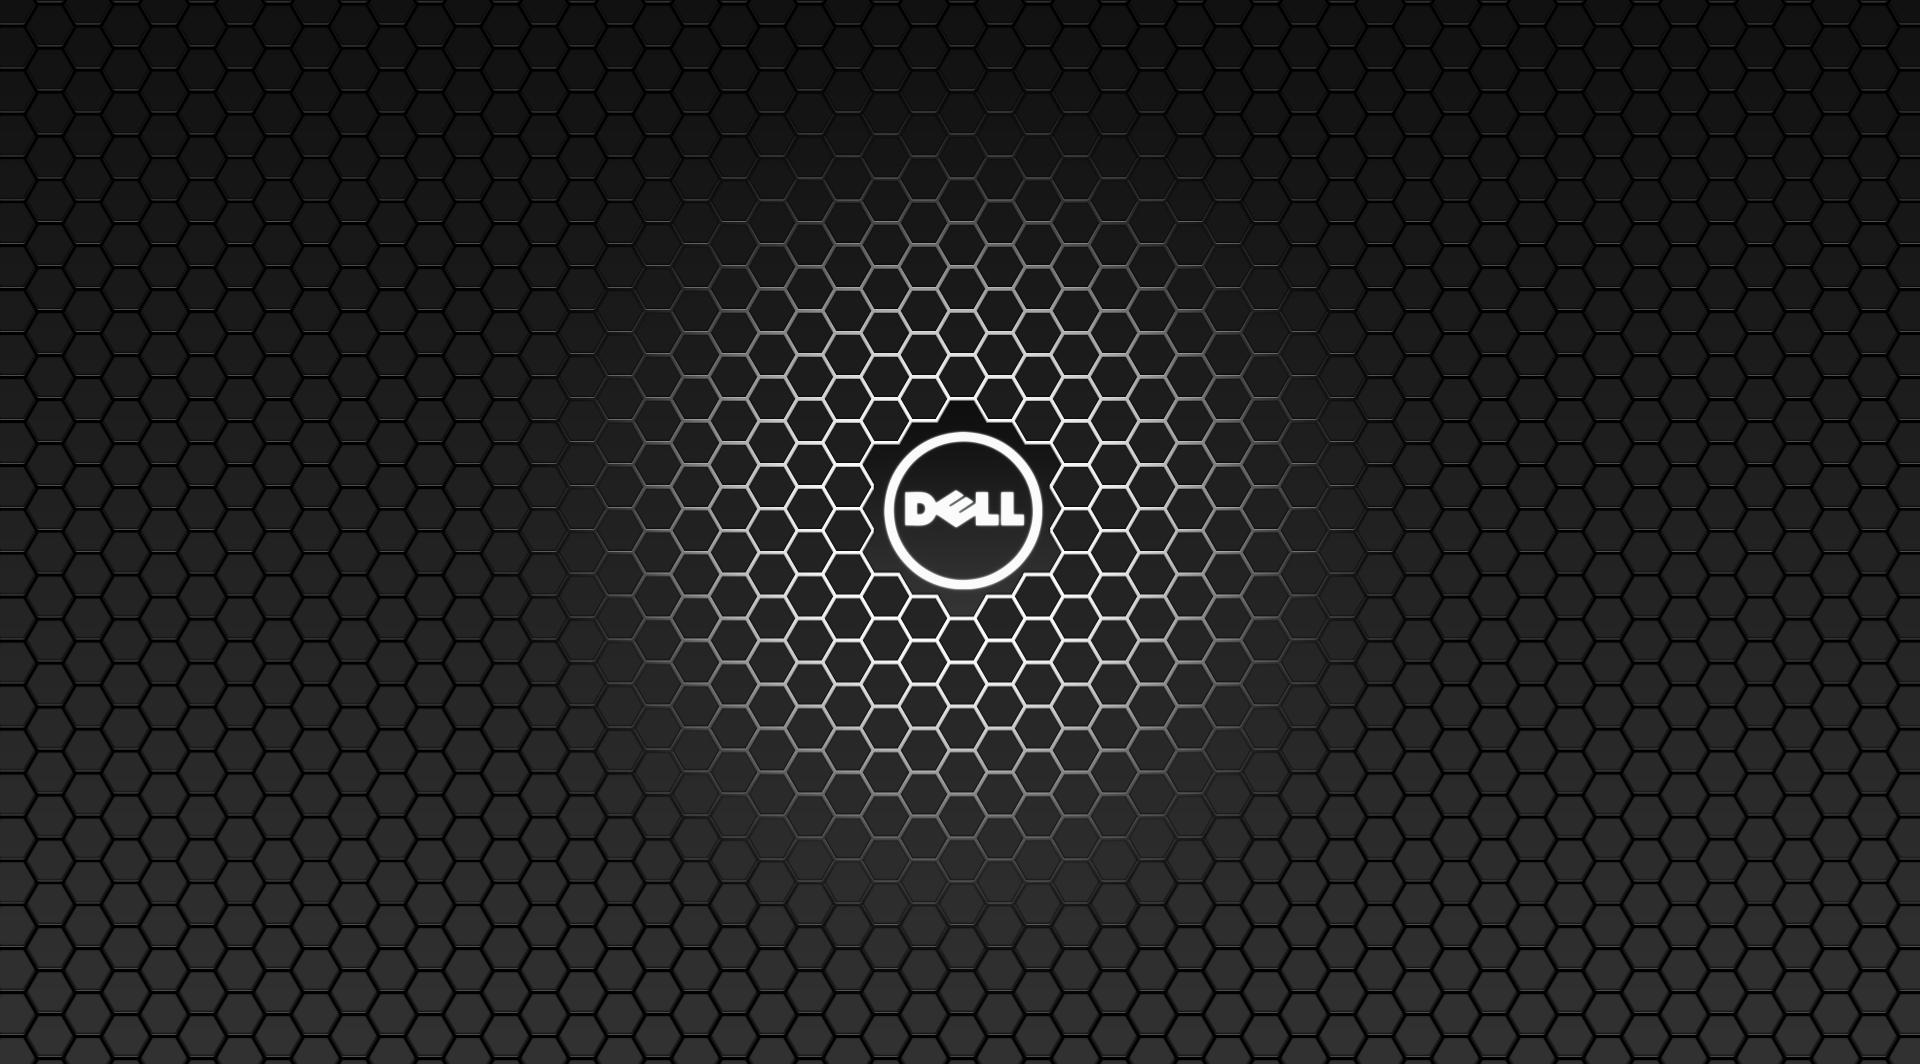 Black Dell Wallpaper 4K 27542